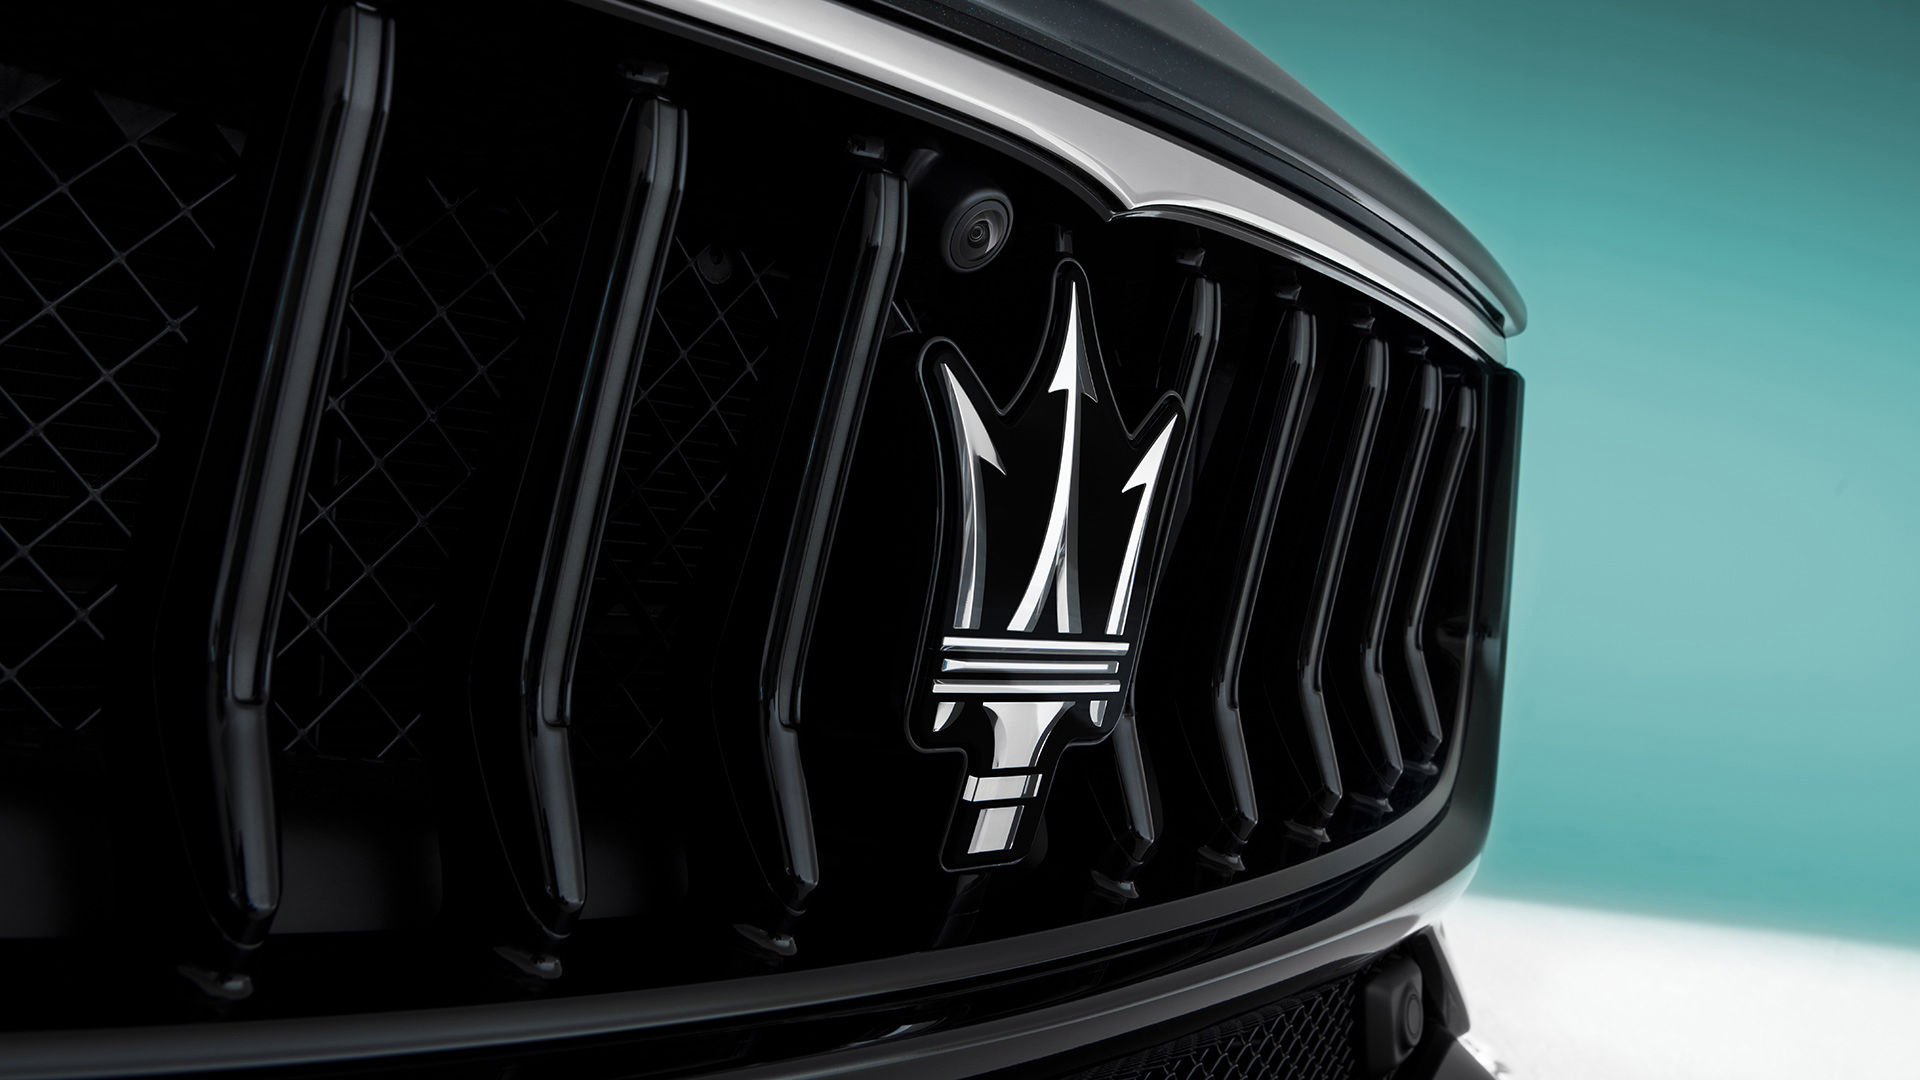 Maserati Ghibli in Schwarz - Kühlergrill und Dreizack-Logo